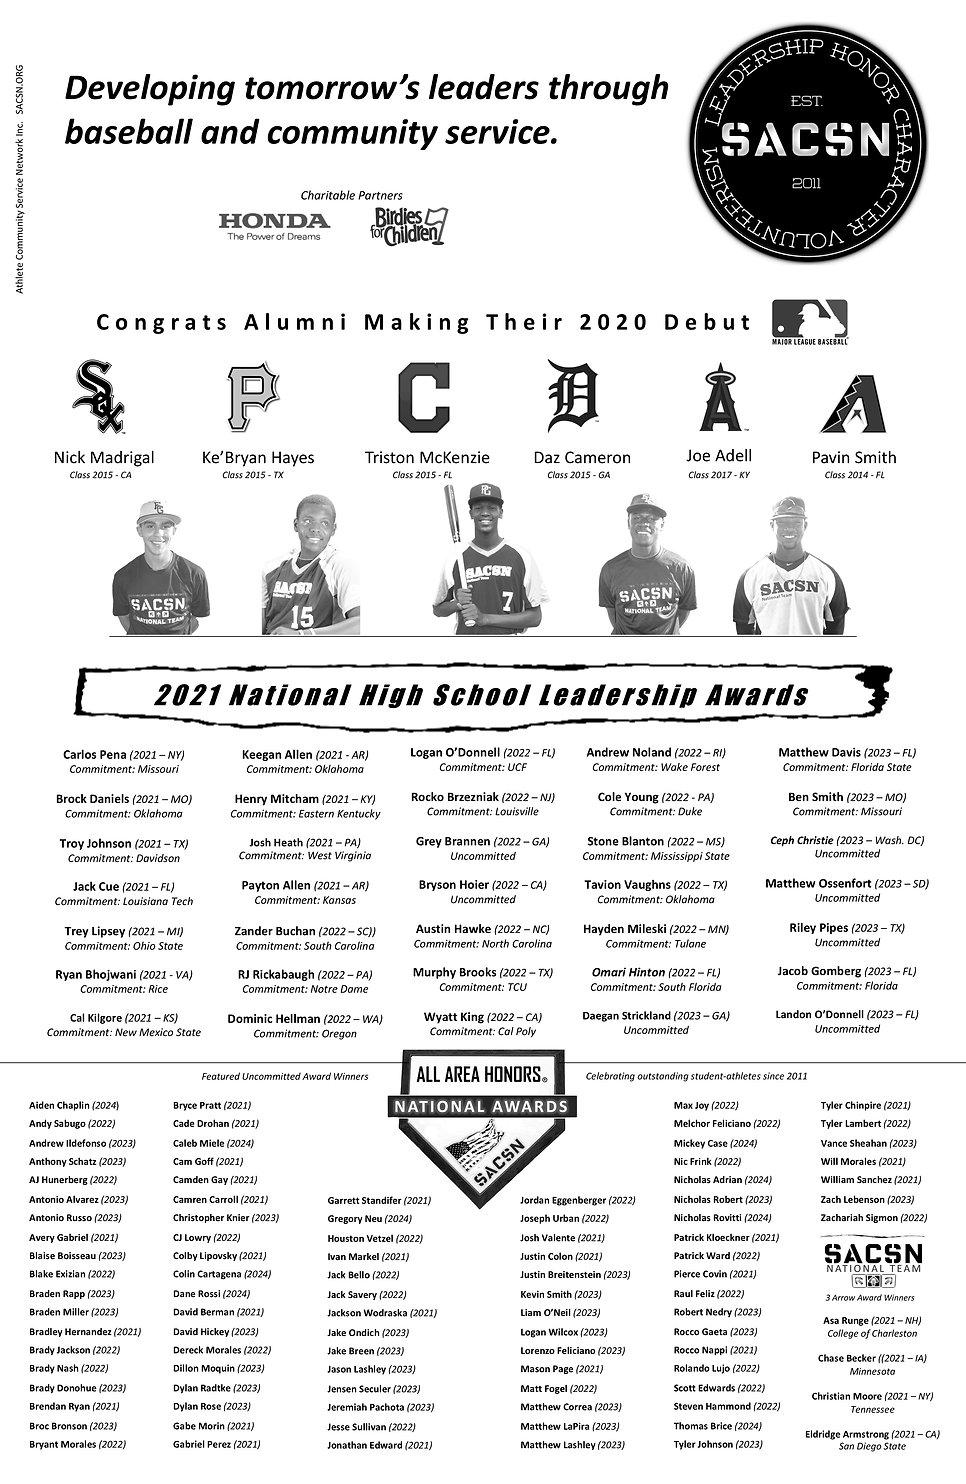 2021 Collegiate Baseball30.jpg